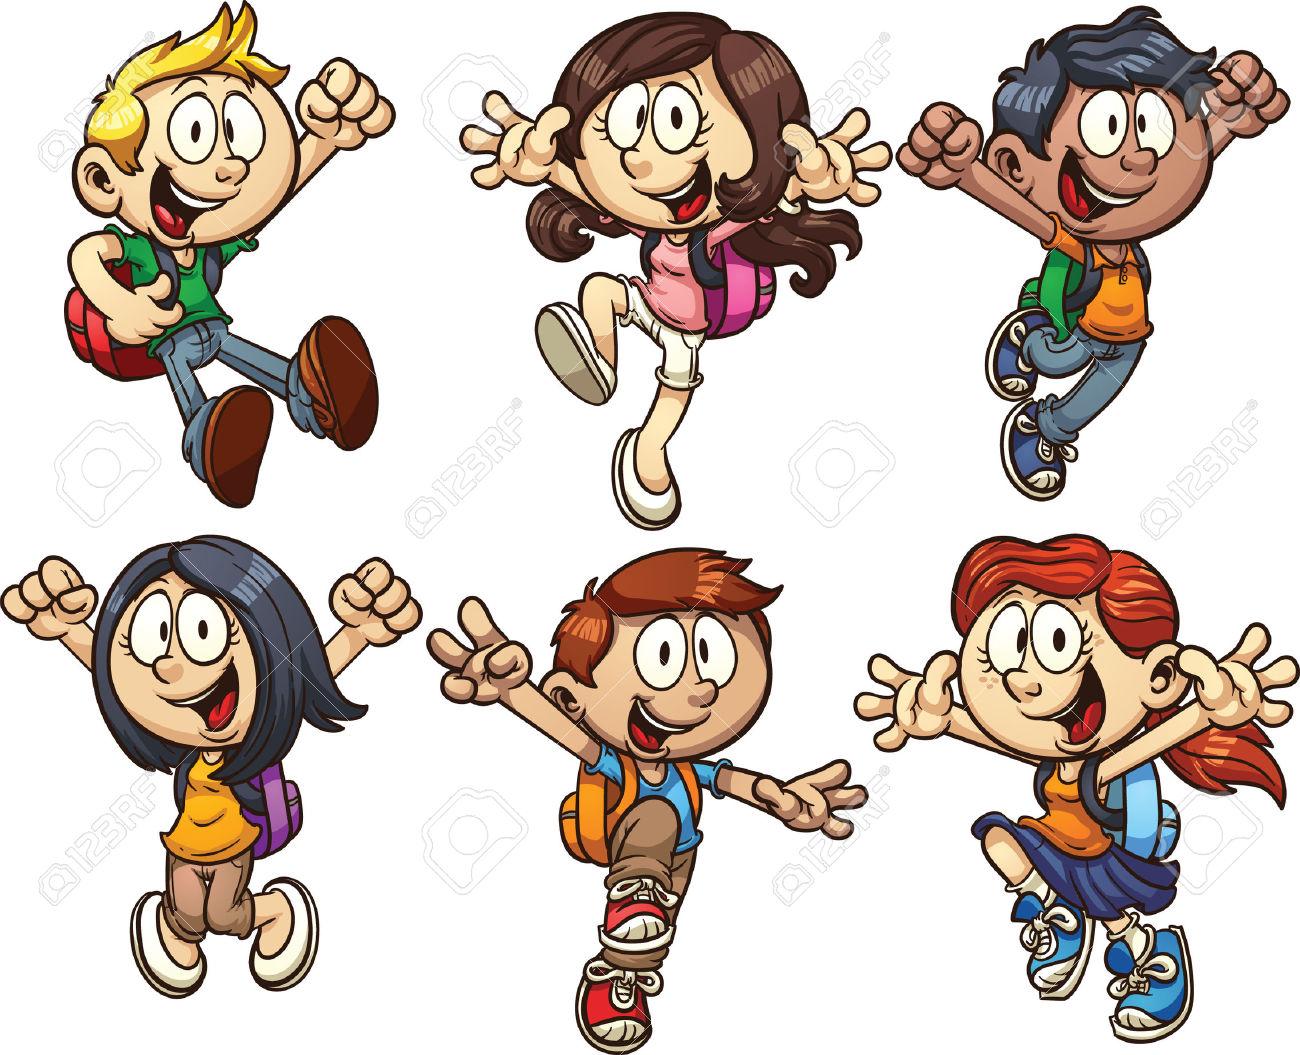 School kids character clipart vector stock School kids character clipart - ClipartFest vector stock